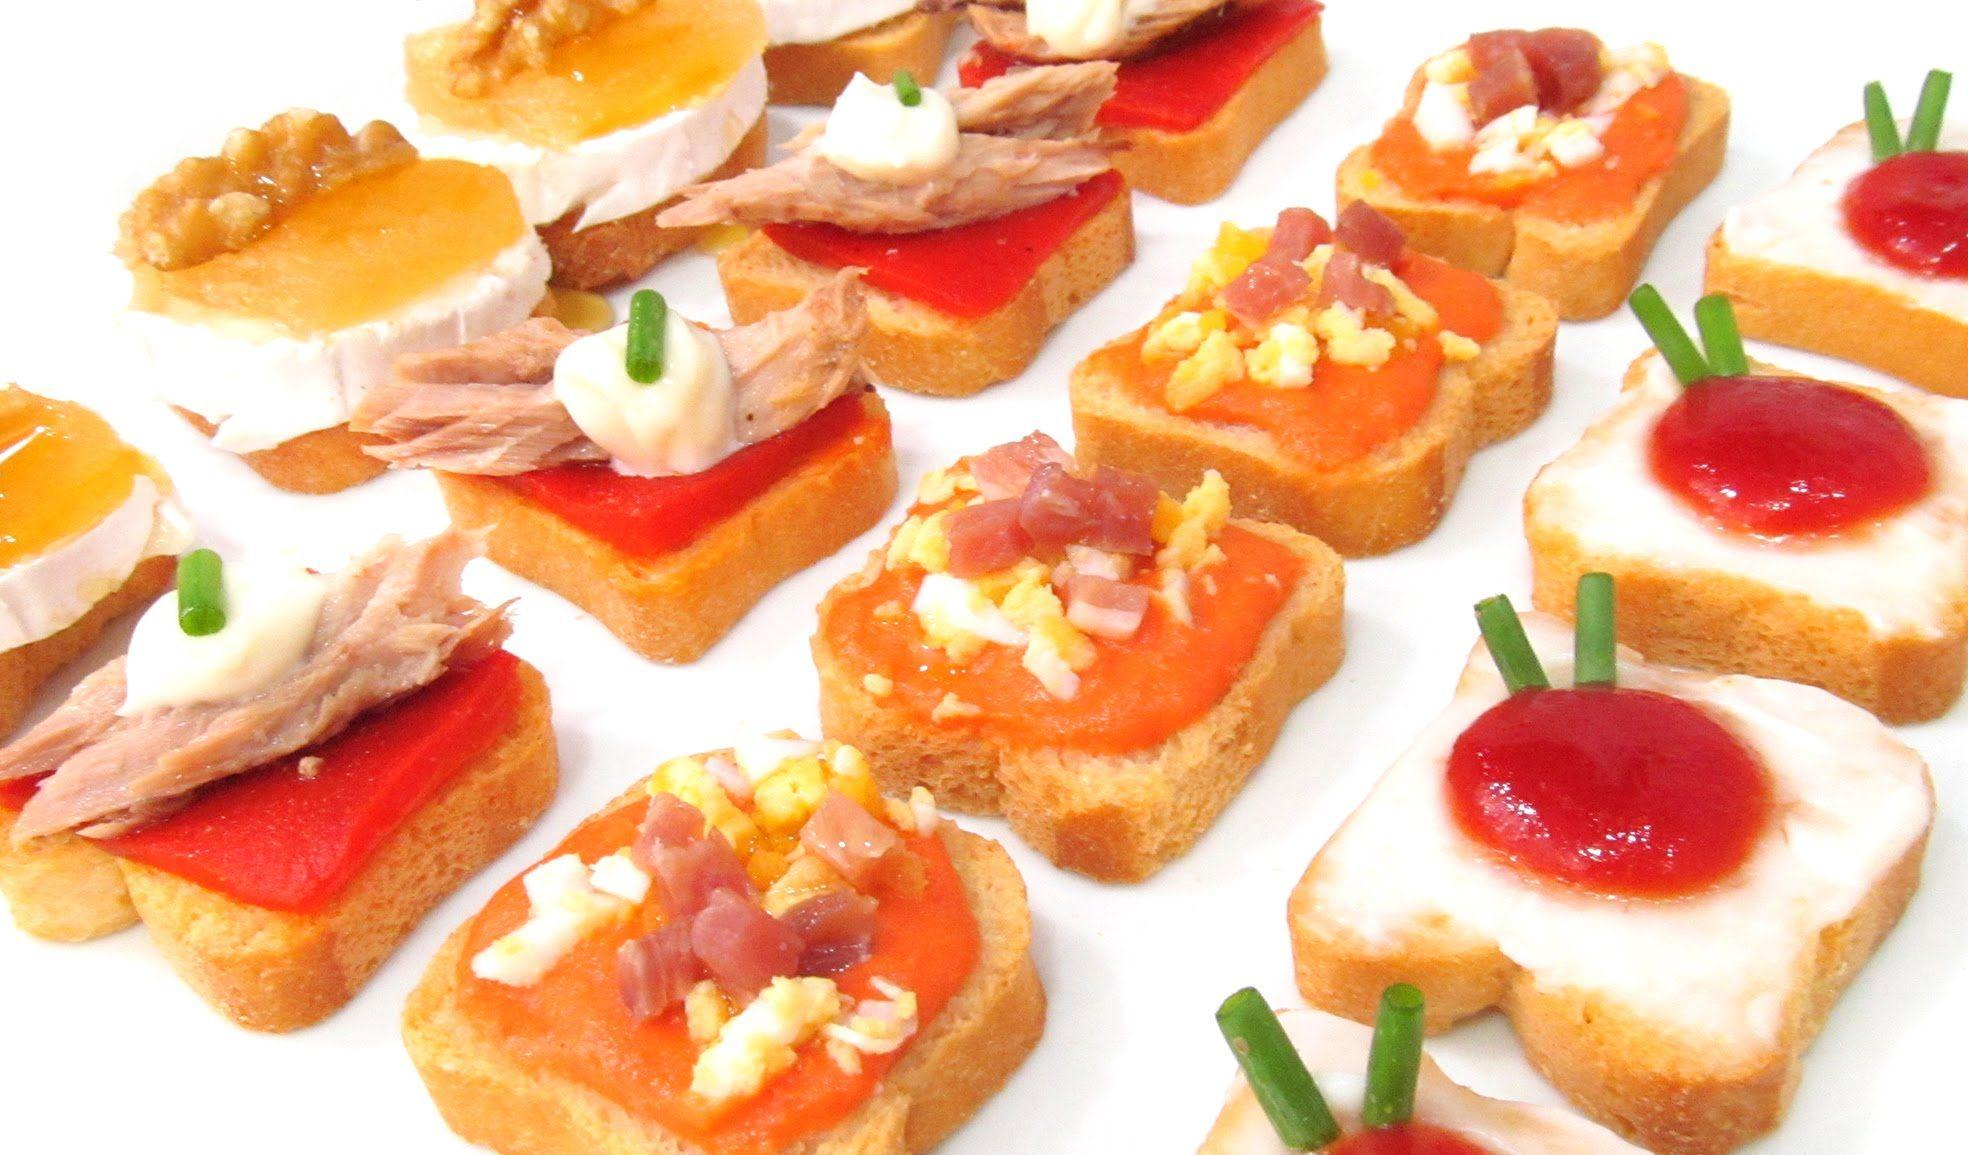 Canap s variados fr os originales f ciles y baratos for Canapes y aperitivos